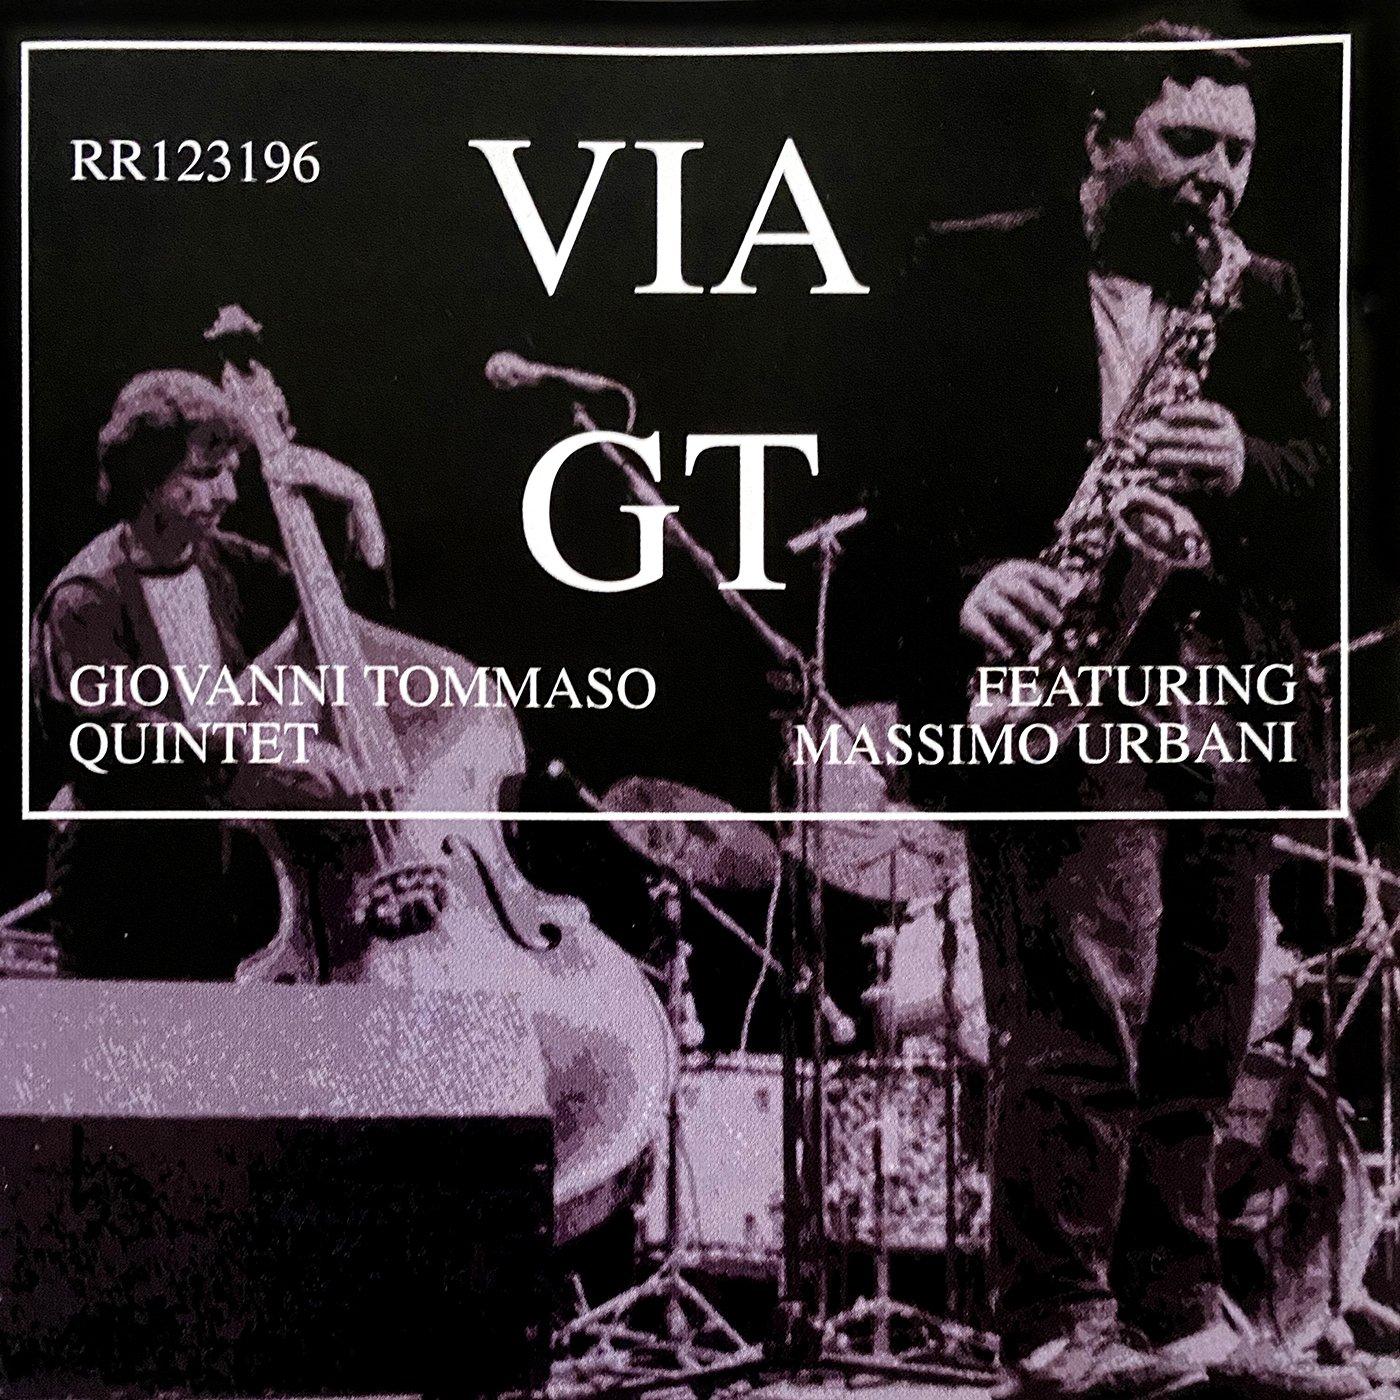 Via G.T. - Giovanni Tommaso Quintet